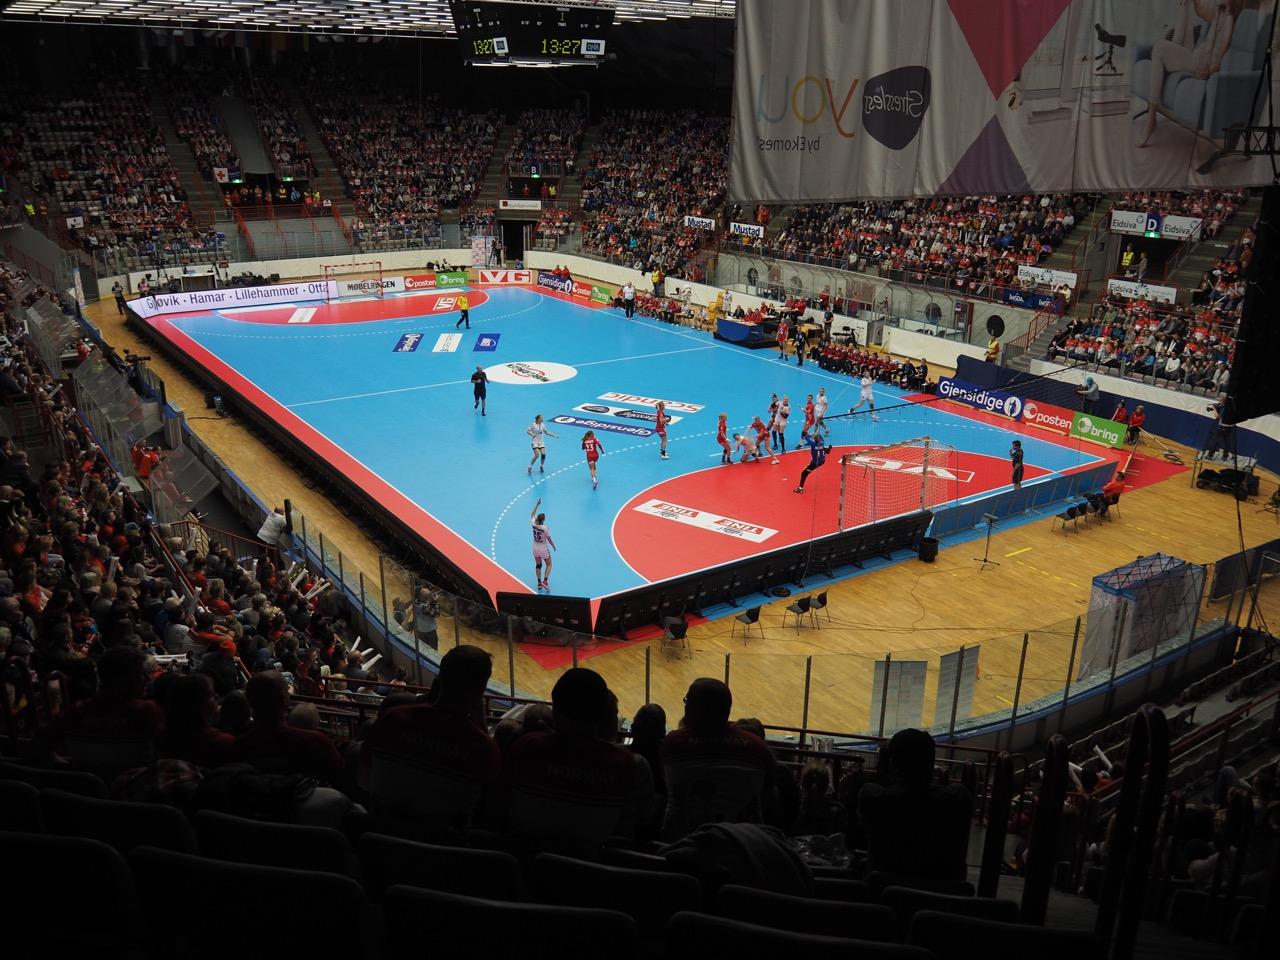 Norsk håndball har ikke nok spilleflater | Foto: Svein-Ivar Pedersen